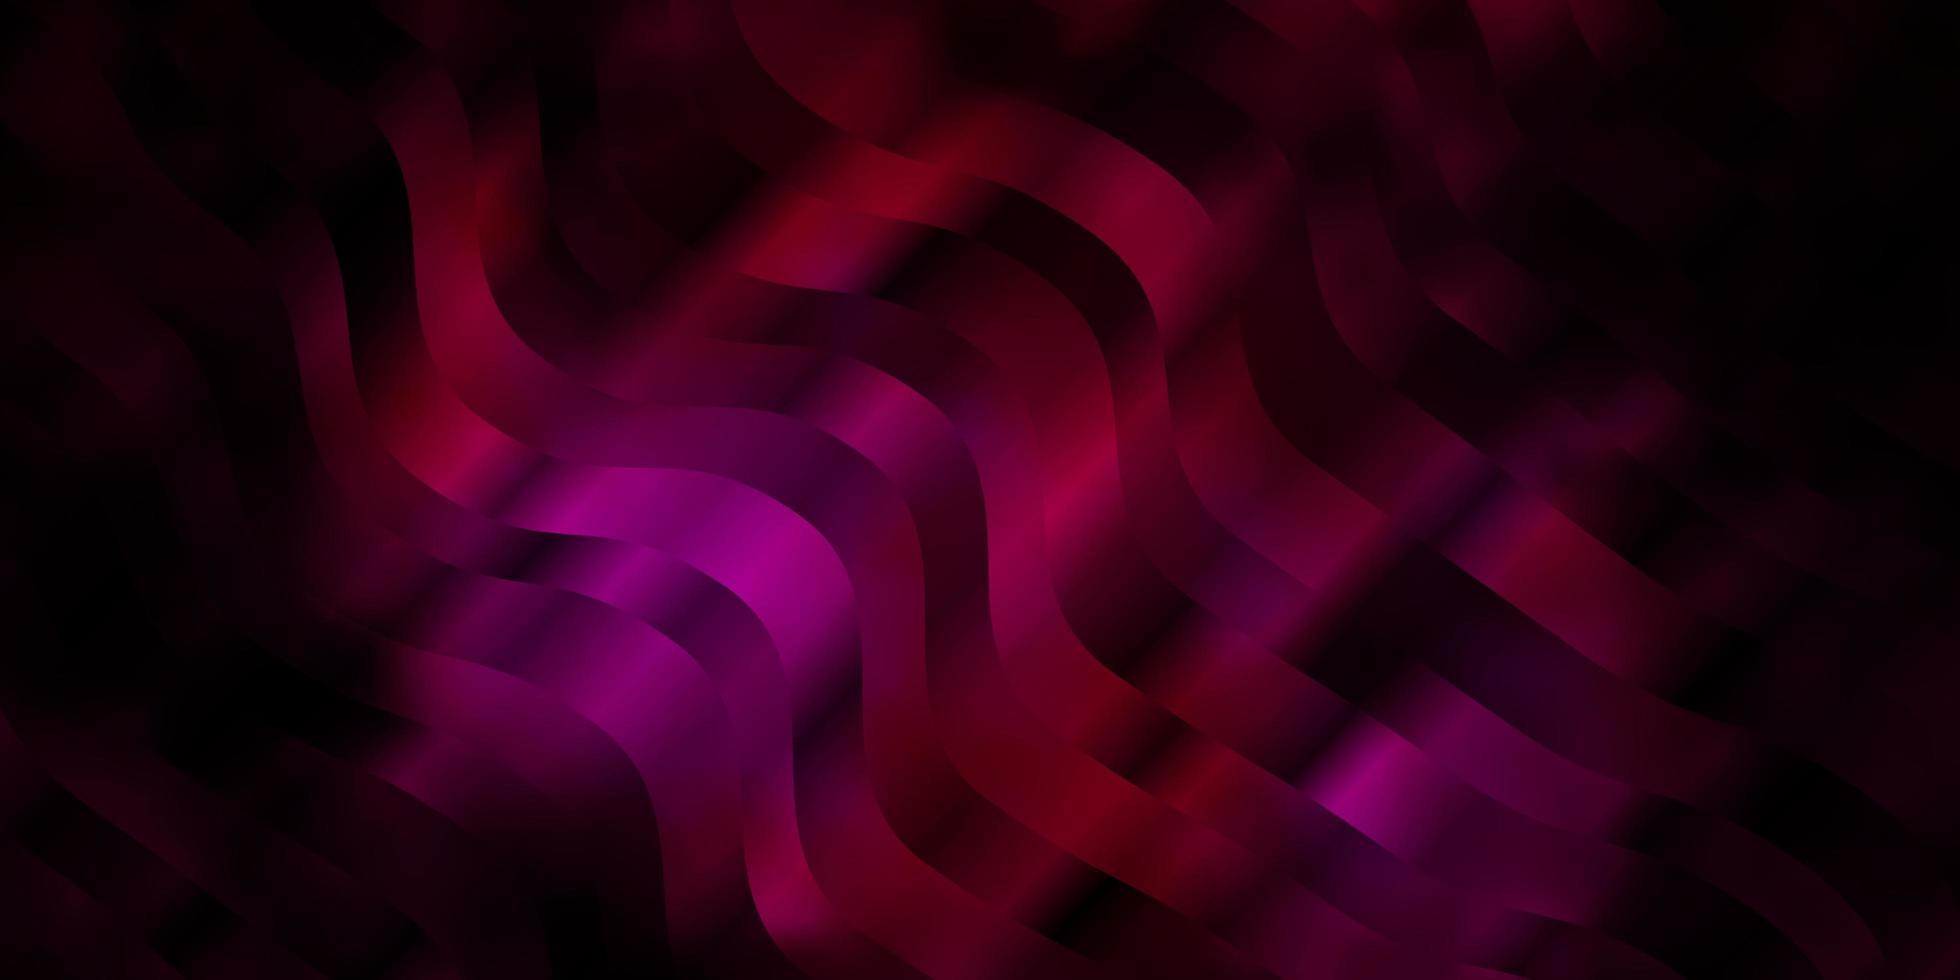 mörkrosa vektorbakgrund med linjer. vektor